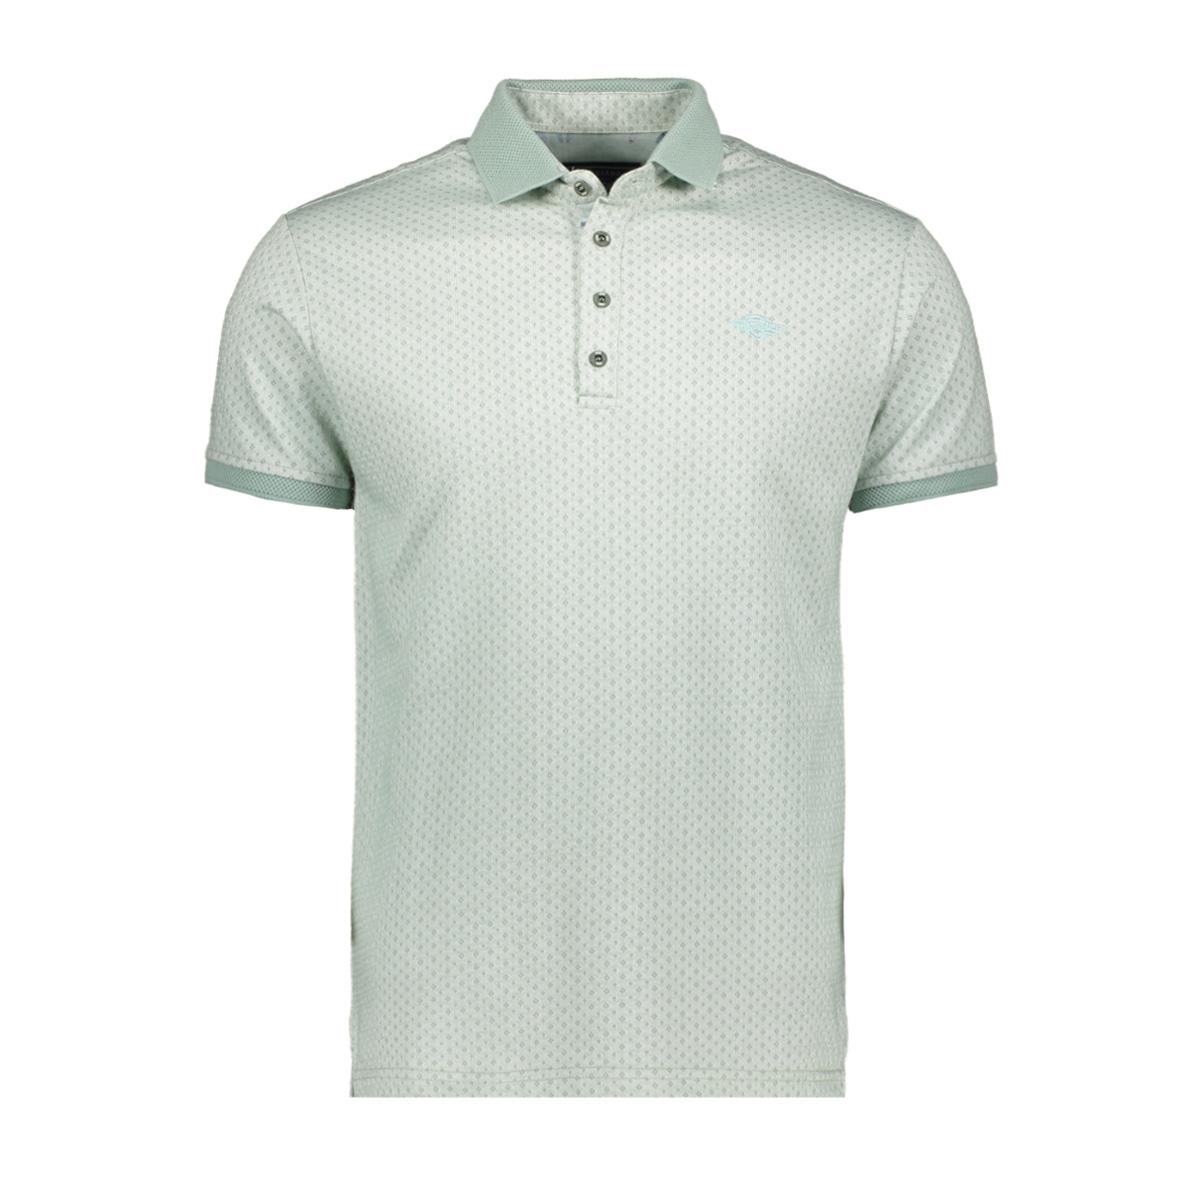 polo shirt 22133 gabbiano polo green